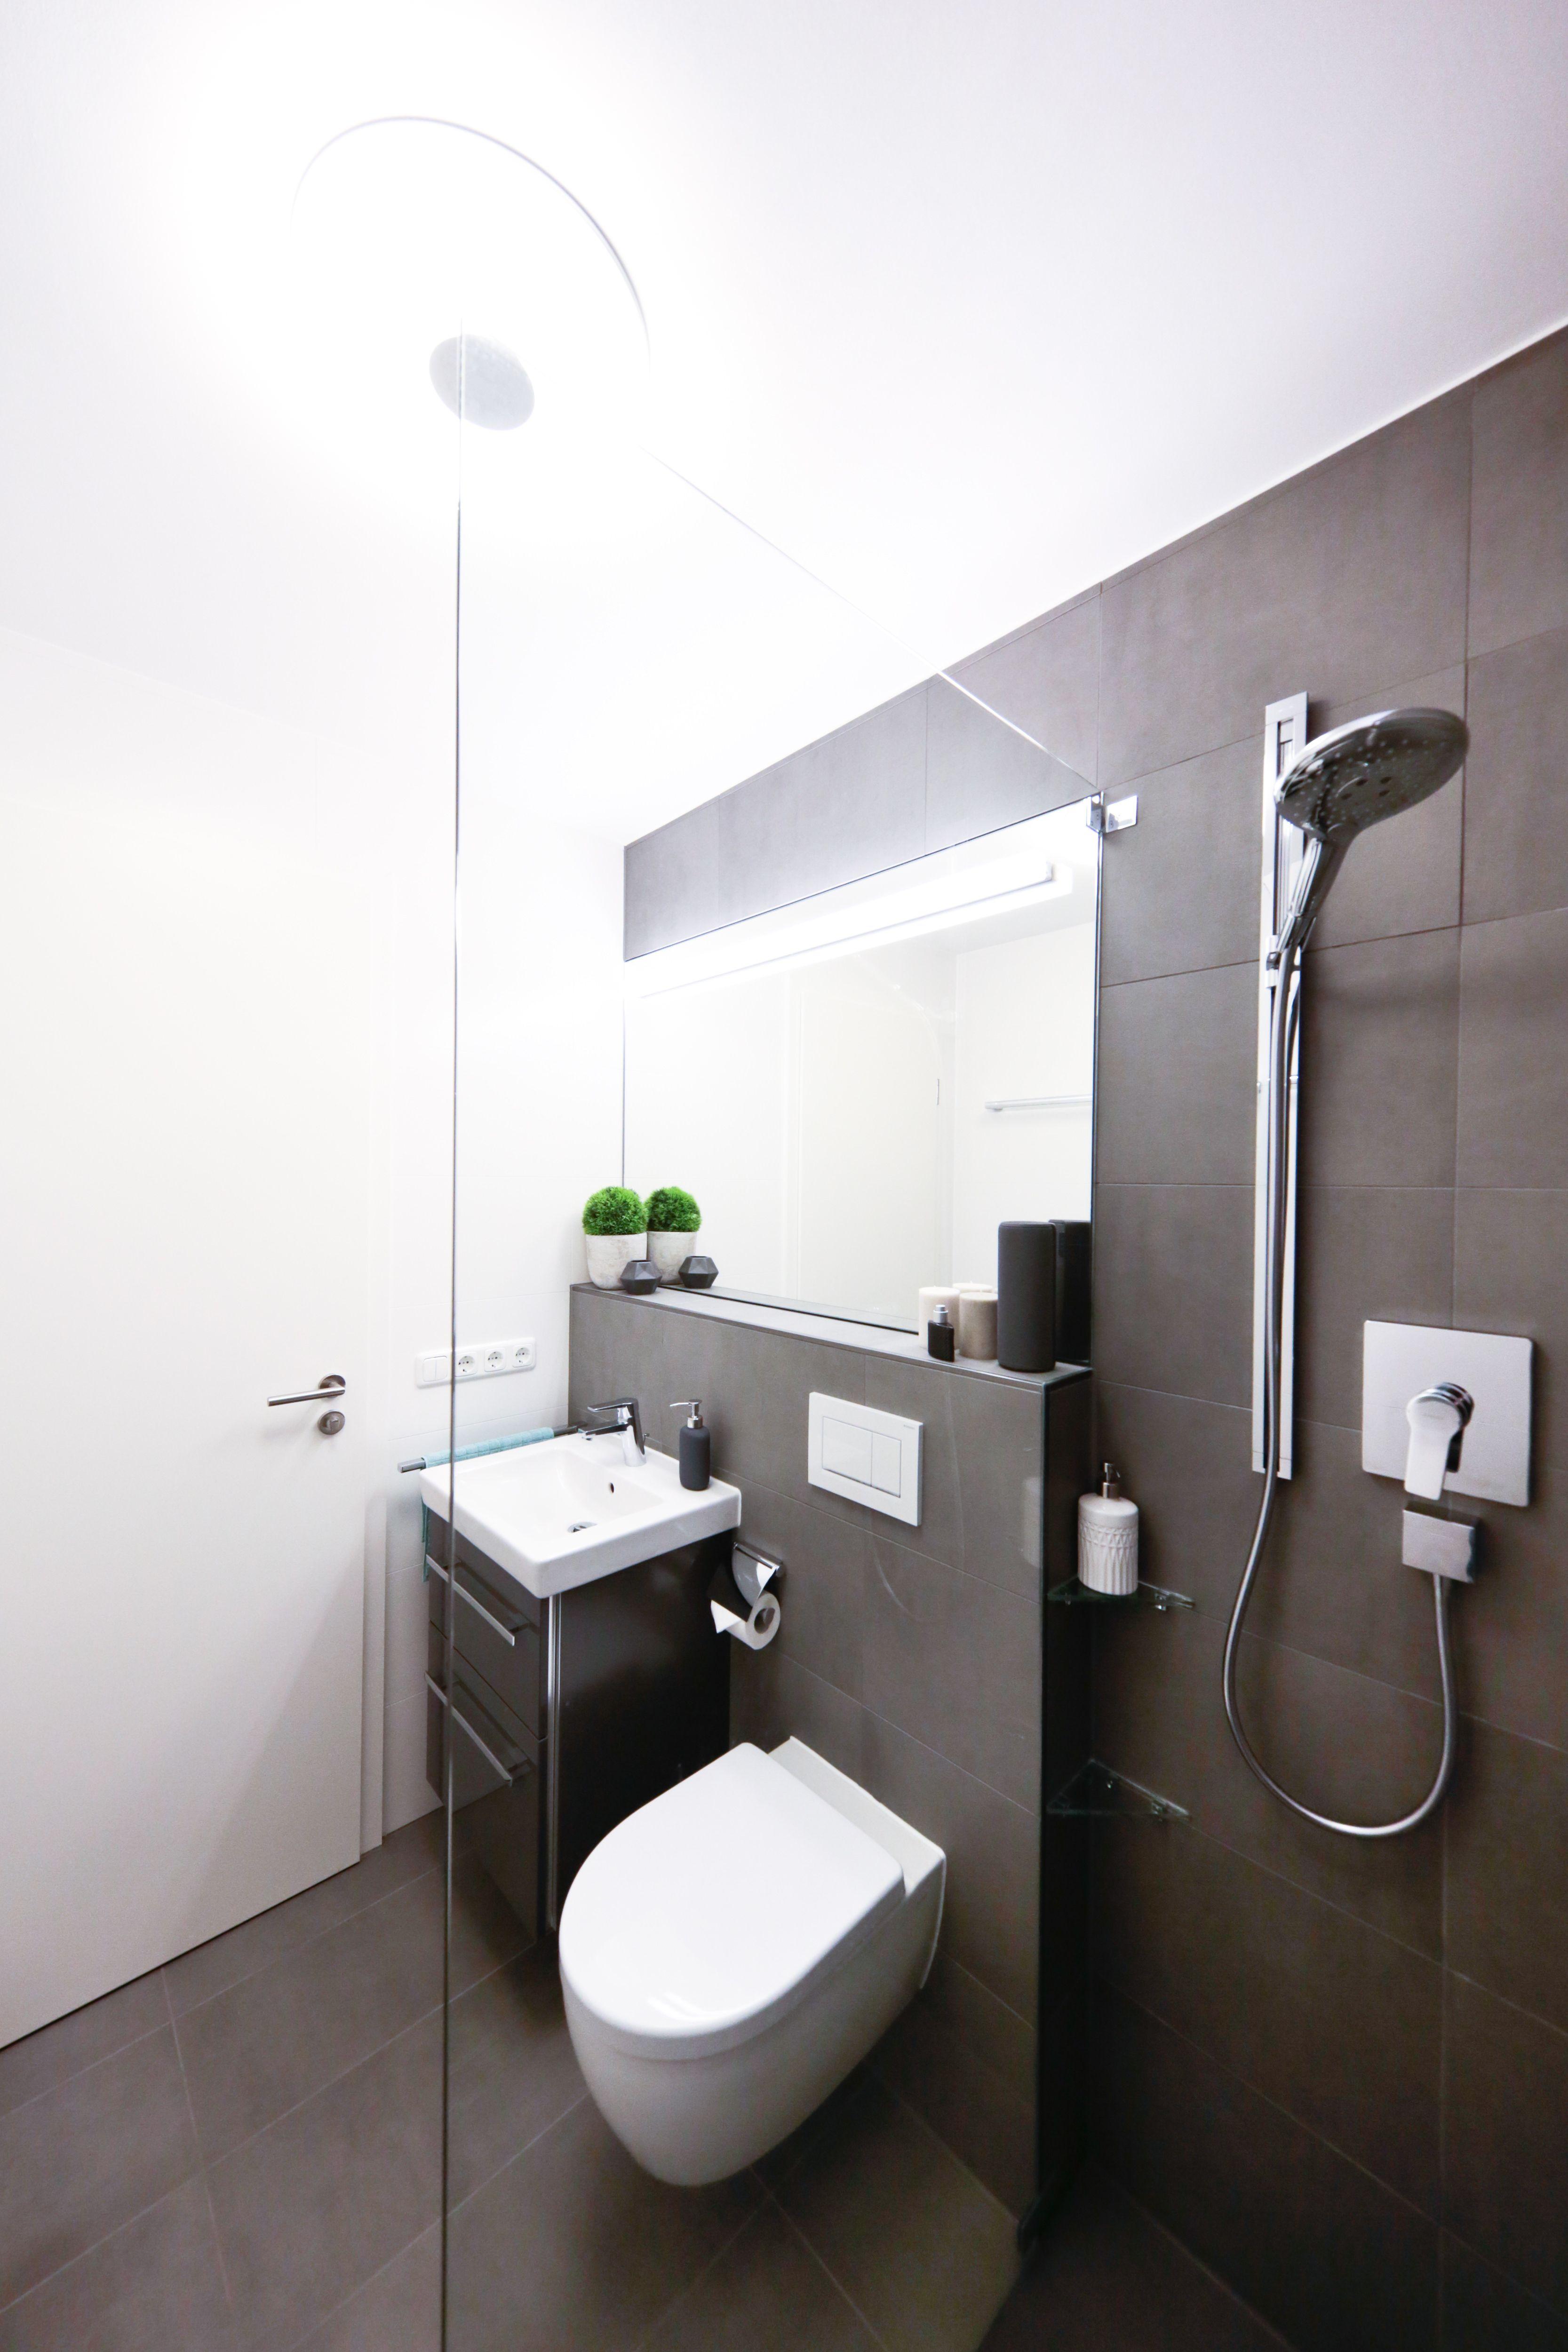 Modernisierung Eines Duschbads Banovo Badsanierung Badrenovierung Duschbad Modernisierung Walkindusche Anthr Badezimmer Badsanierung Modernes Badezimmer